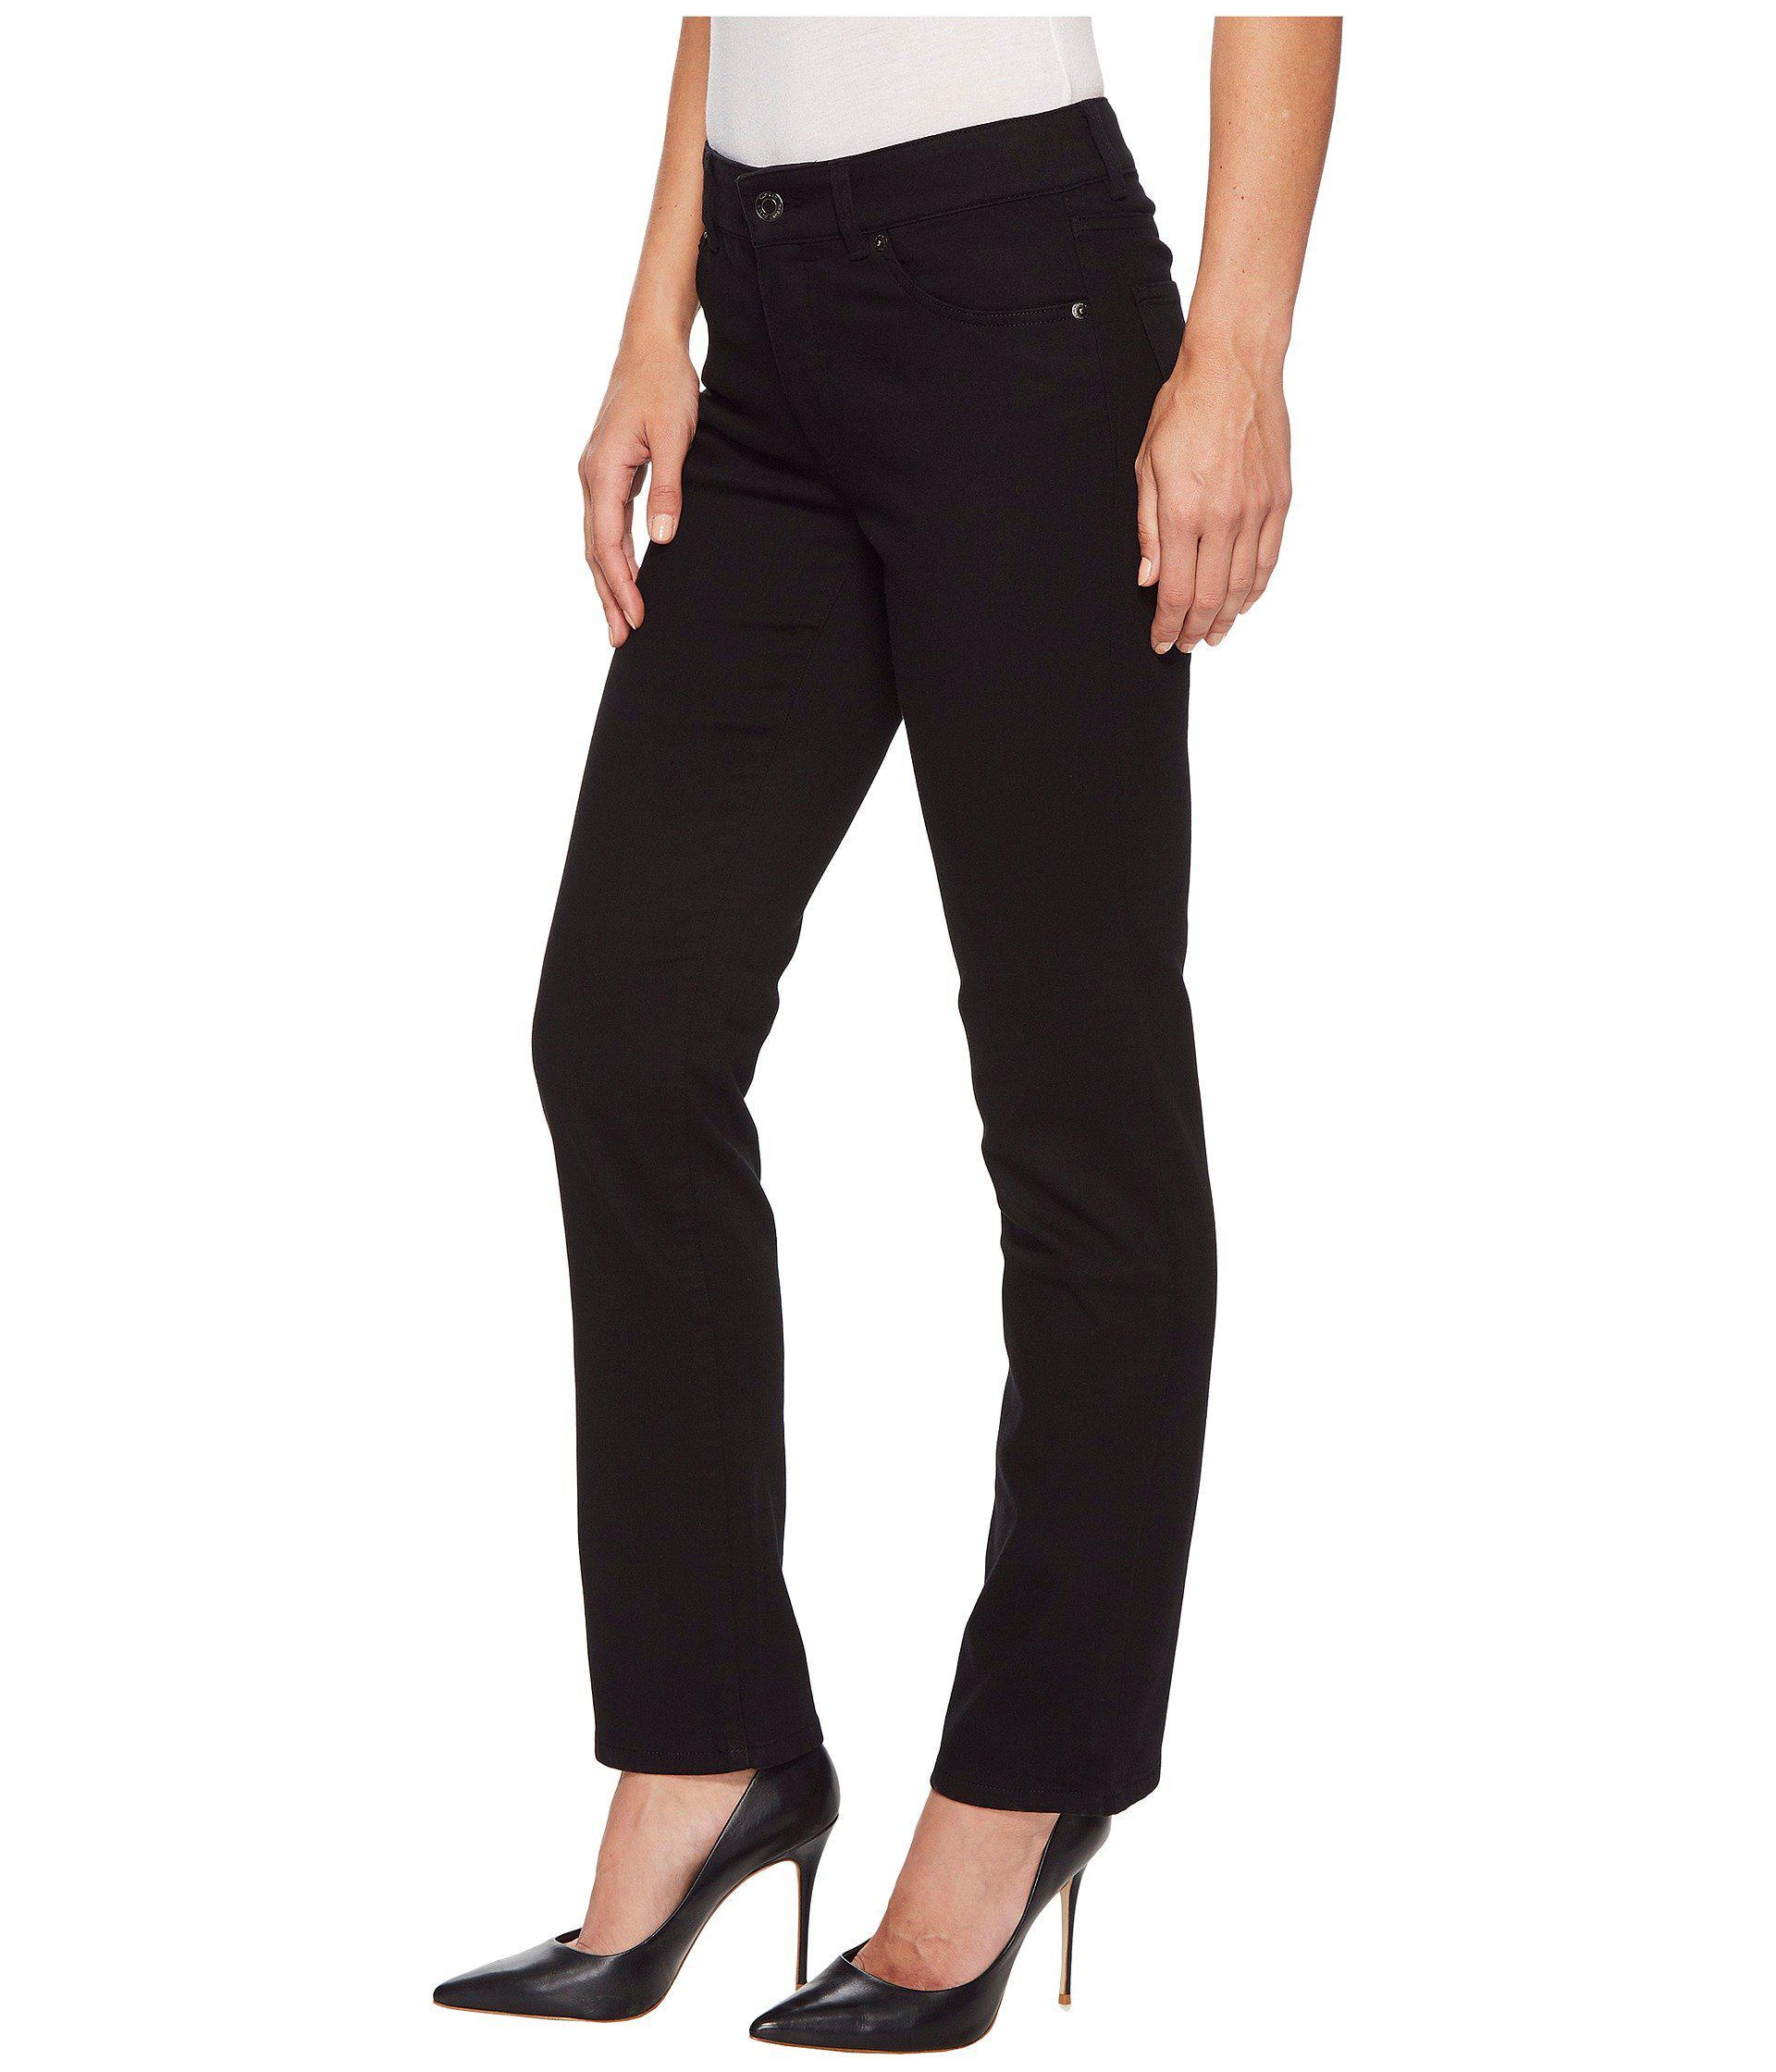 32b0ec52ea984 Lyst - Lauren By Ralph Lauren Premier Straight Jeans (black) Women s Jeans  in Black